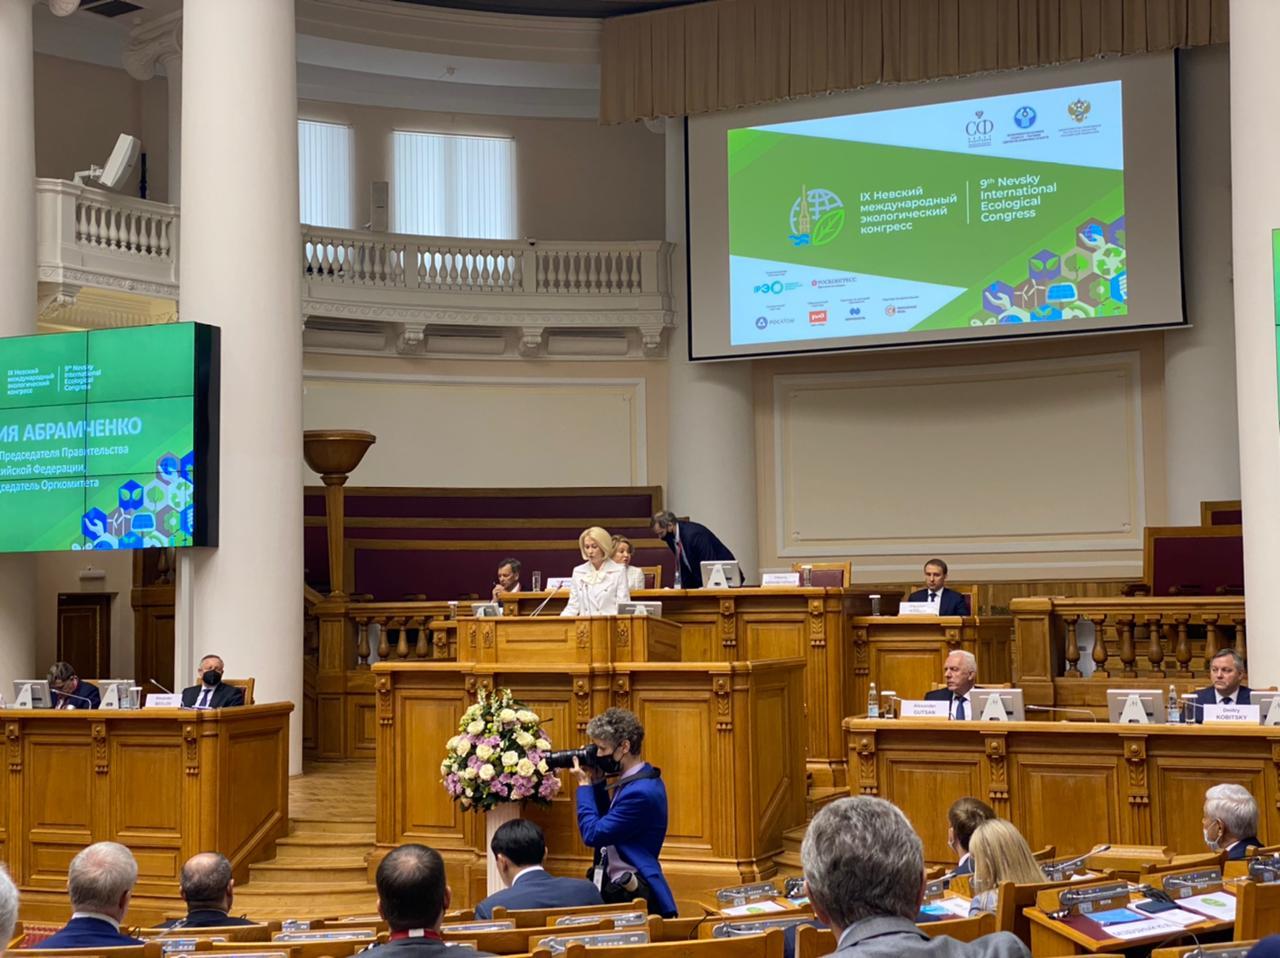 Виктория Абрамченко: Россия на пути развития будет двигаться по зеленому курсу